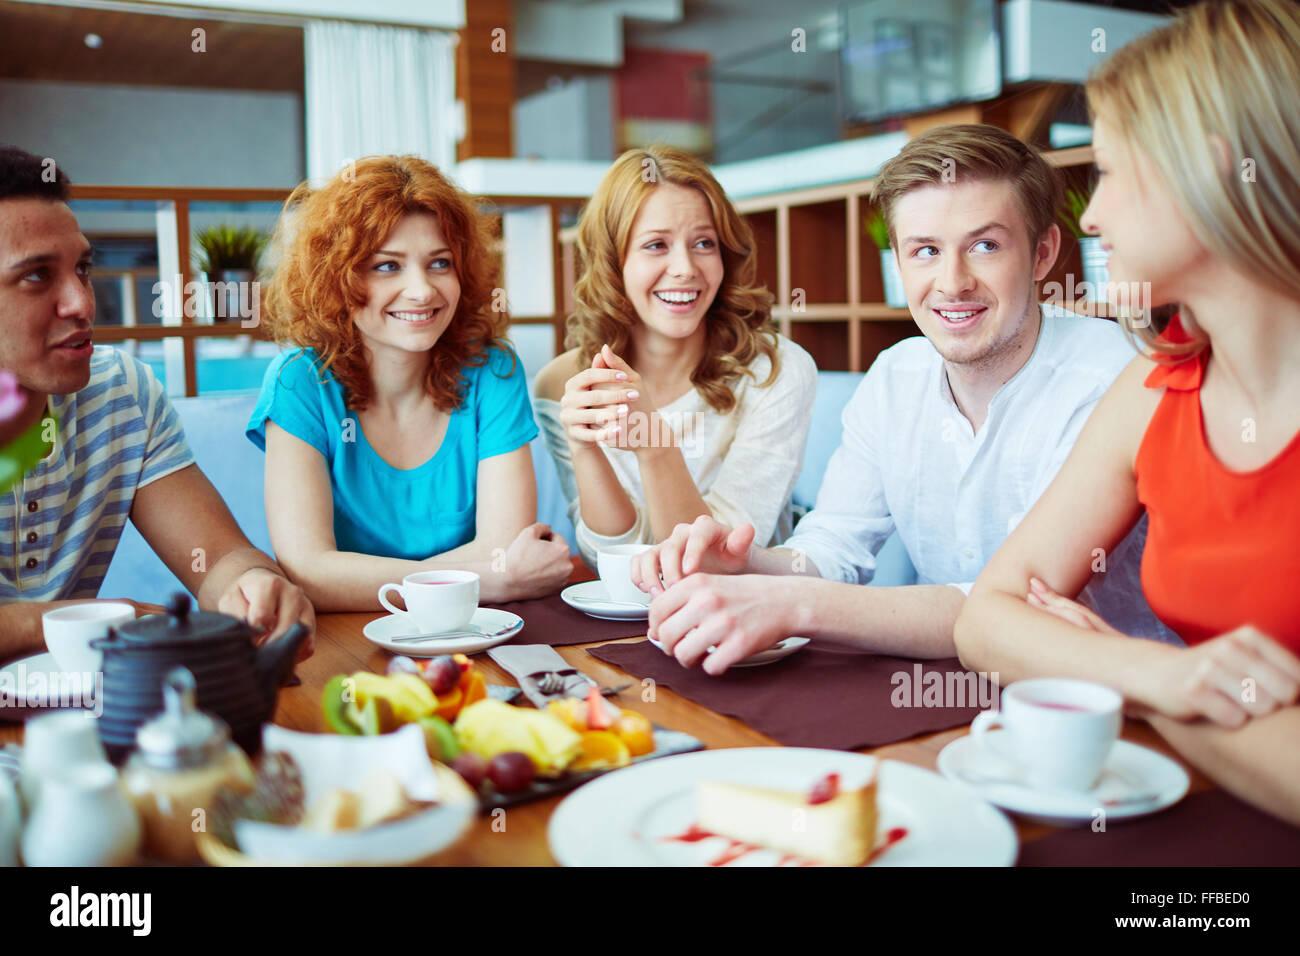 Tener amigos adolescentes hablar mientras está sentado en la cafetería Imagen De Stock